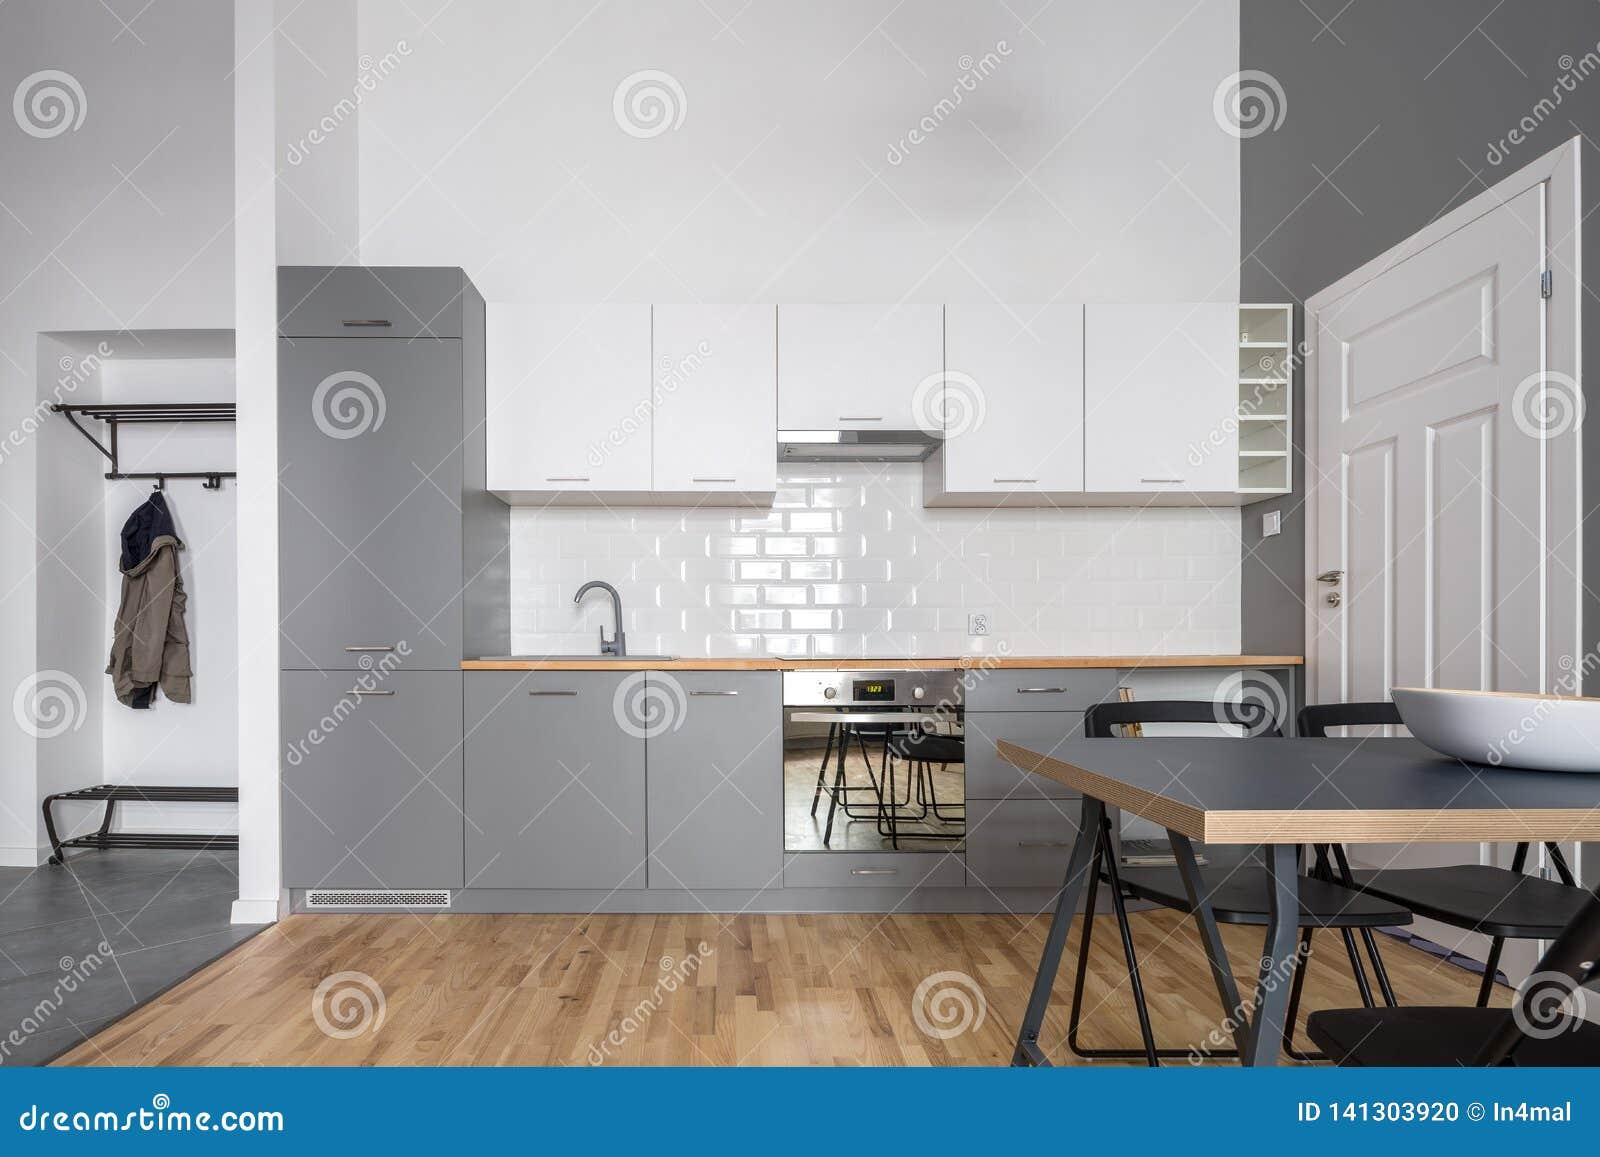 Cuisine Ouverte Grise Et Blanche Photo stock - Image du gris, diner ...